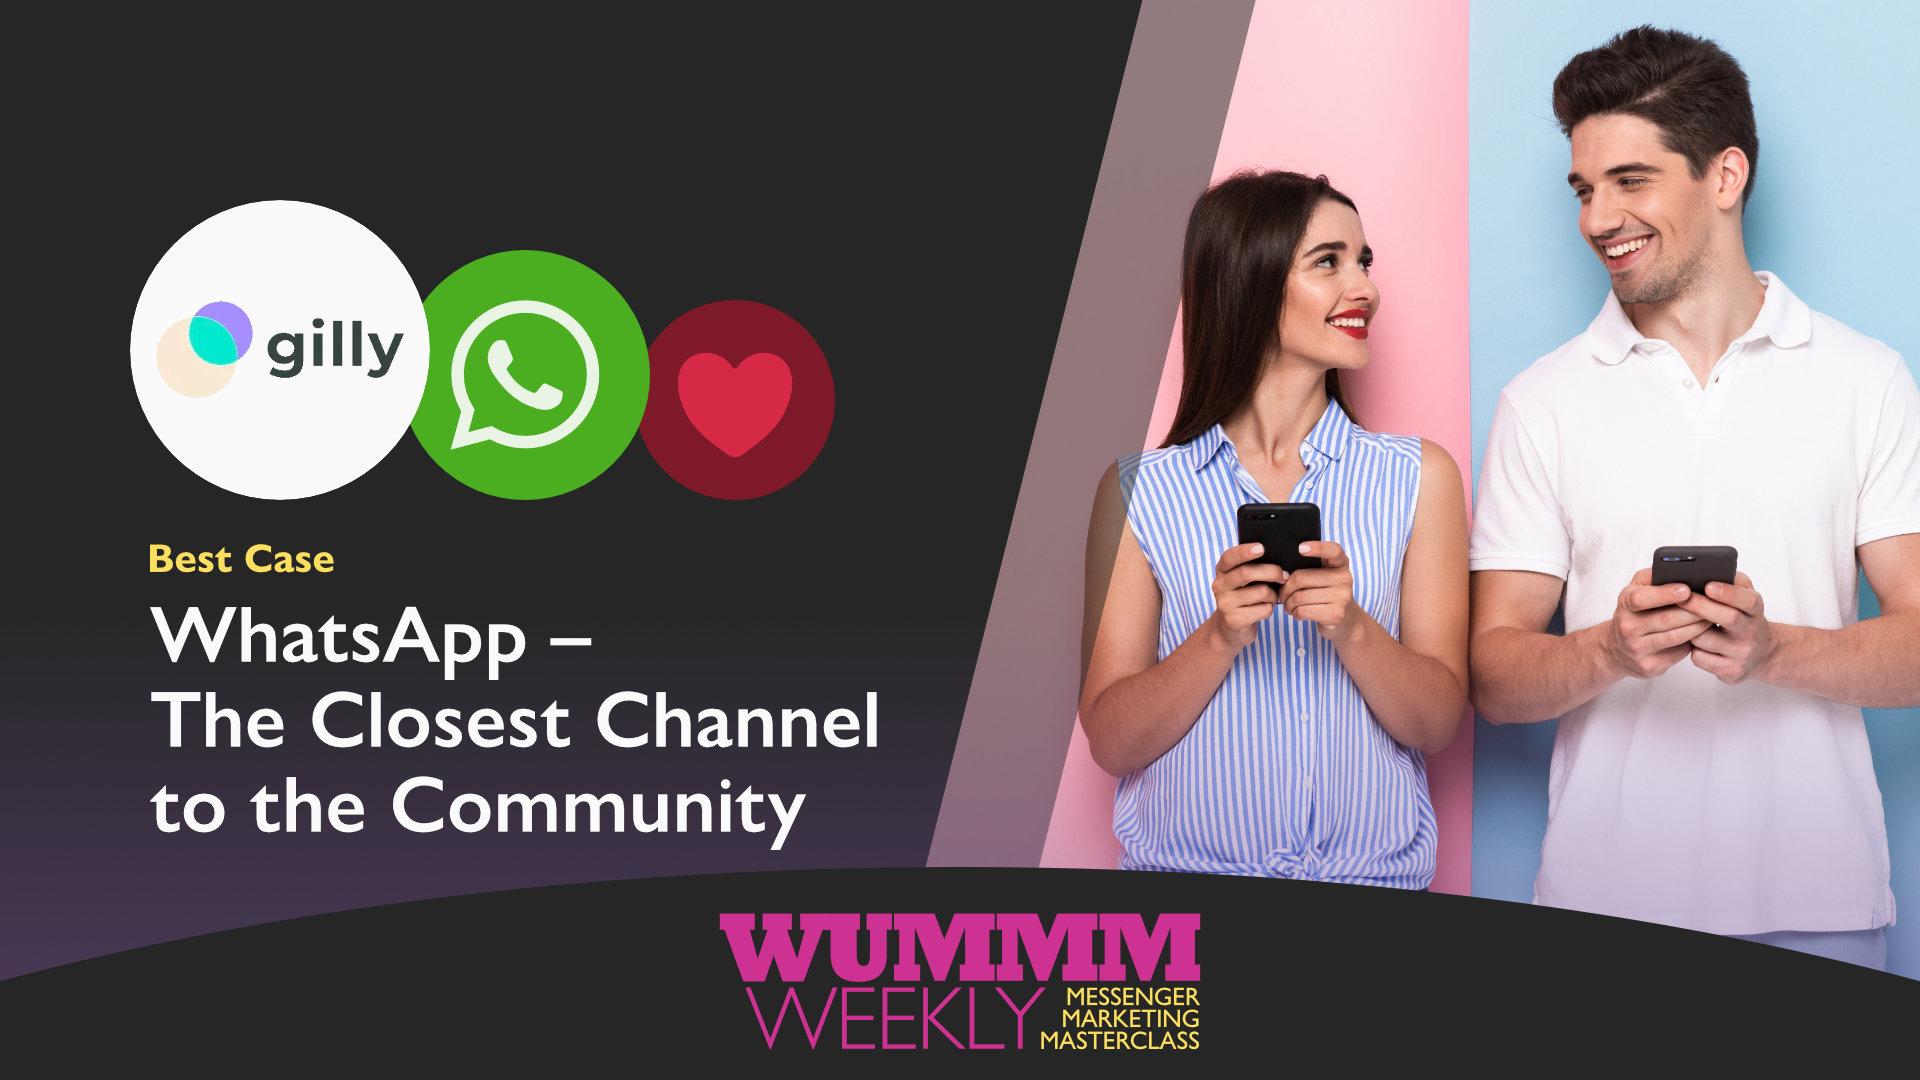 Wummm-weekly, Logo gilly, Logo WhatsApp, Best Case - WhatsApp für Community